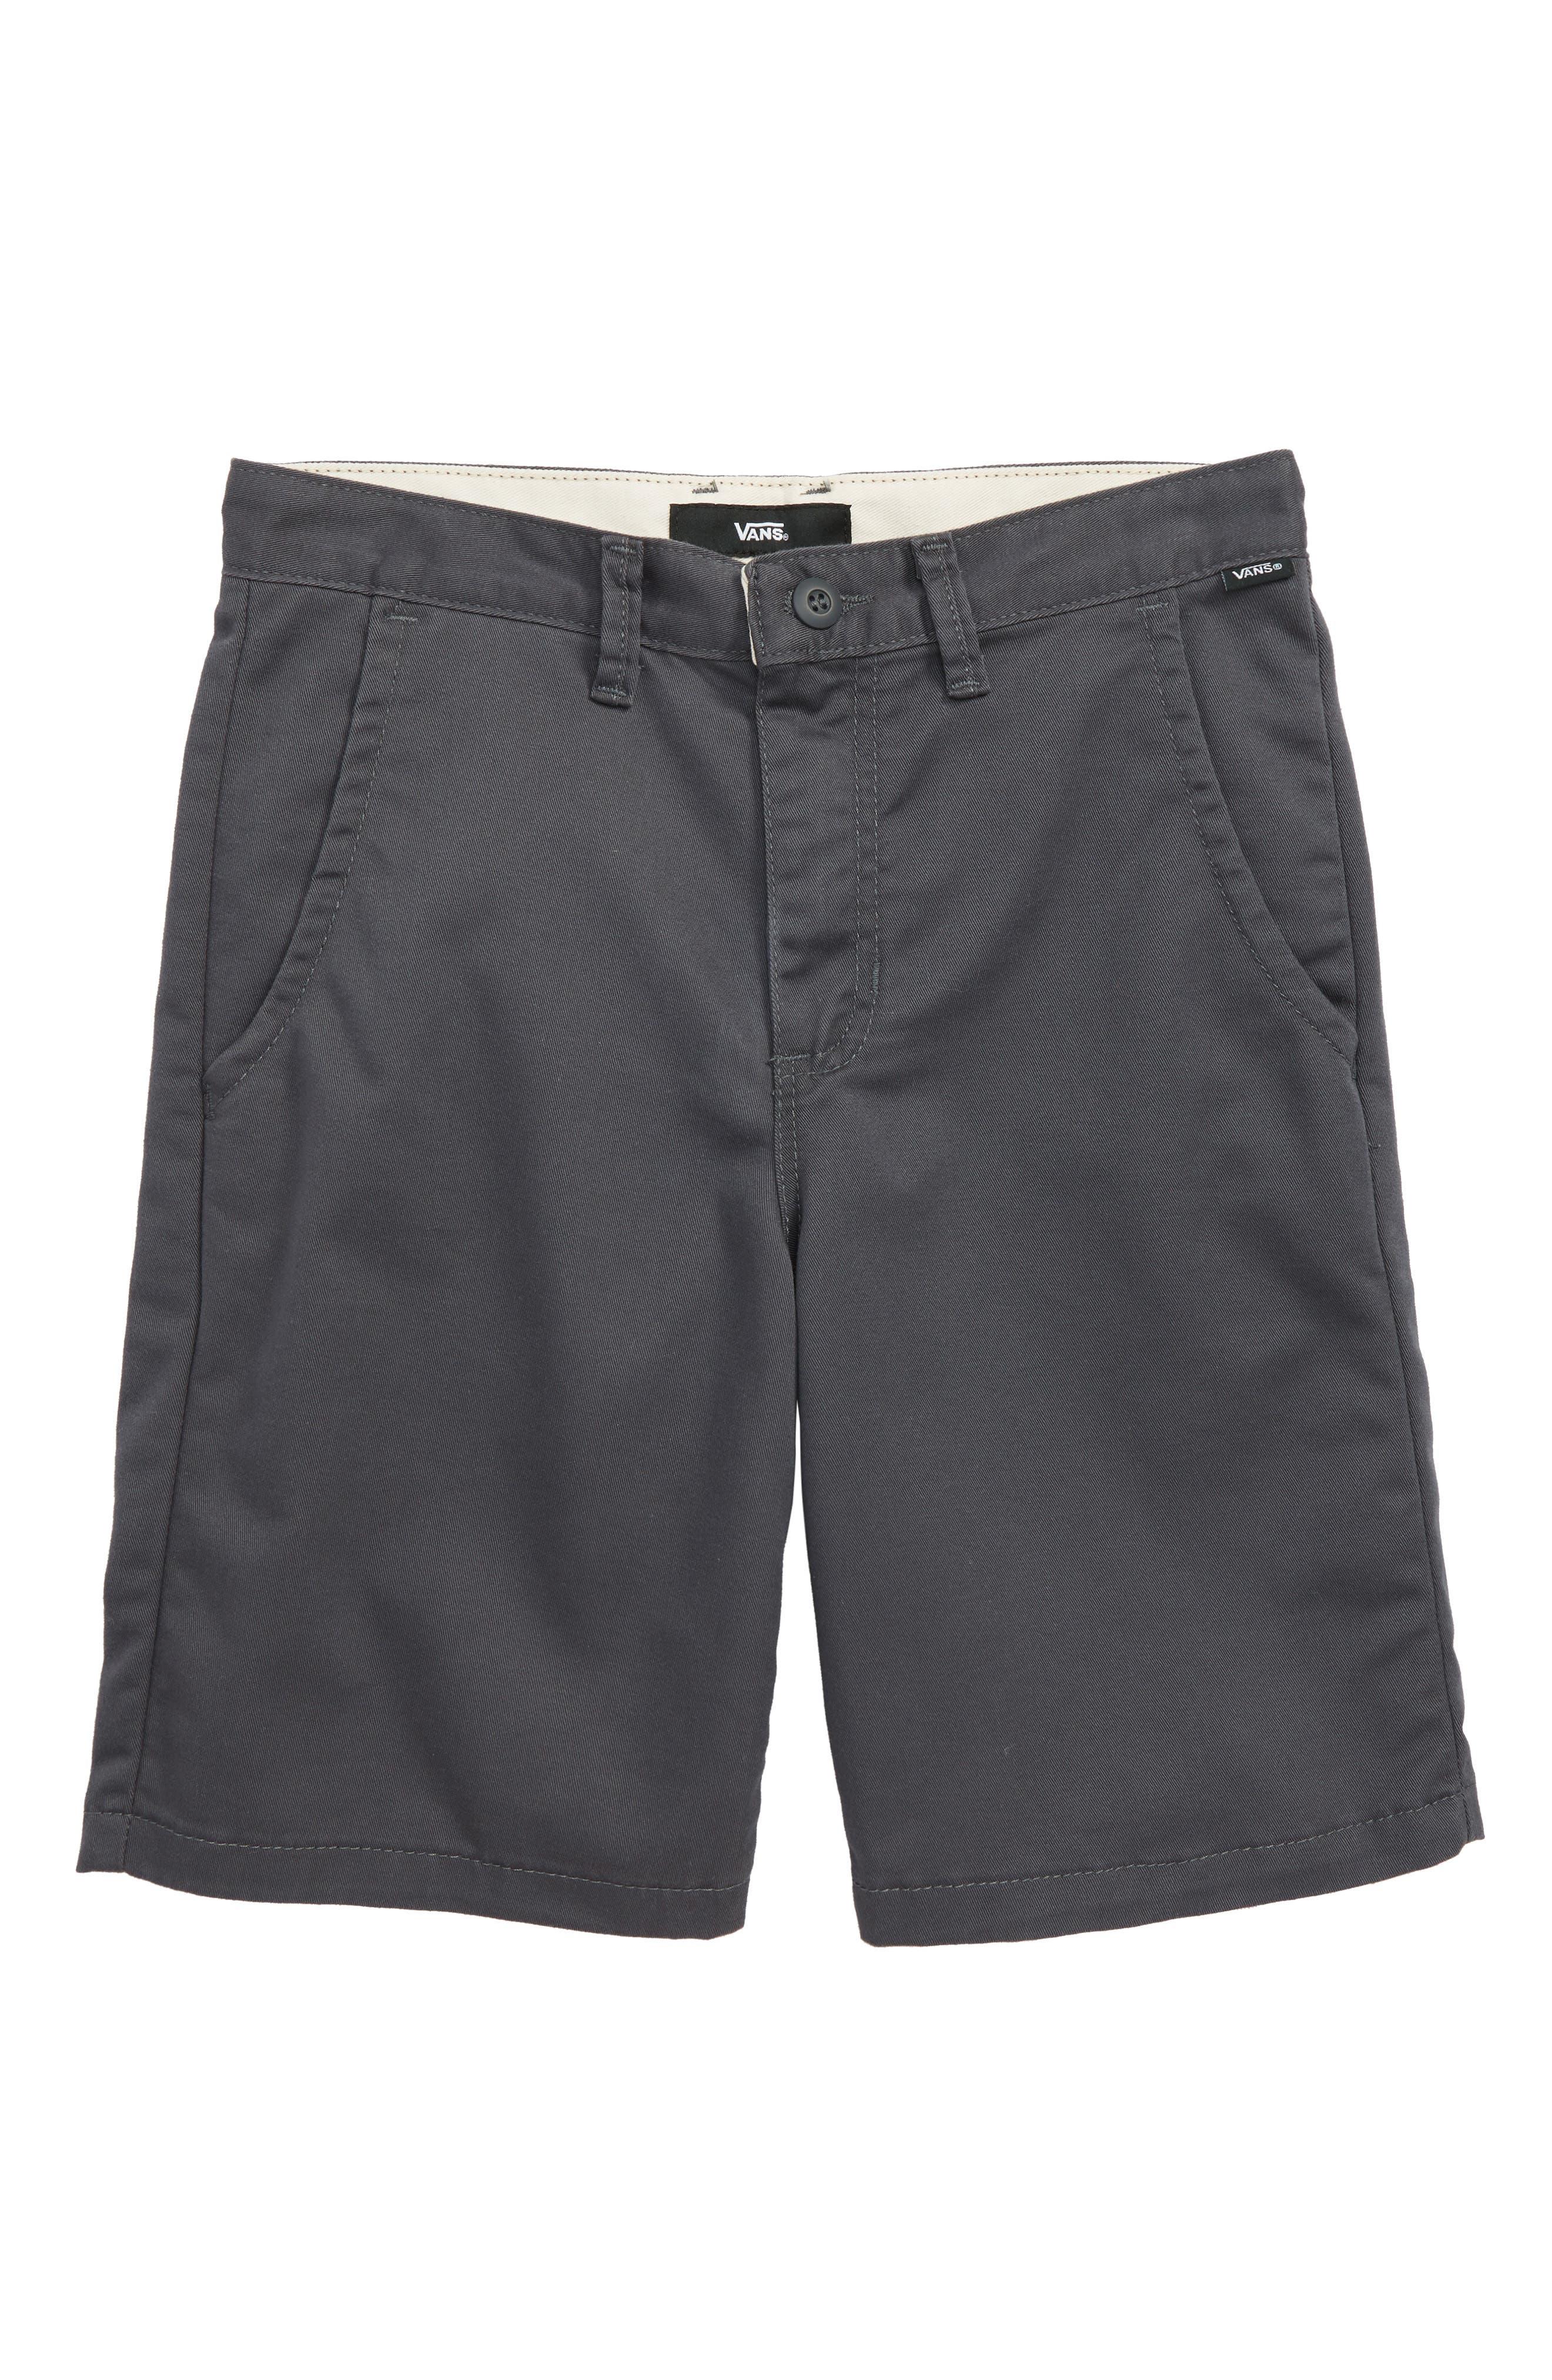 Vans Authentic Walk Shorts (Big Boys)